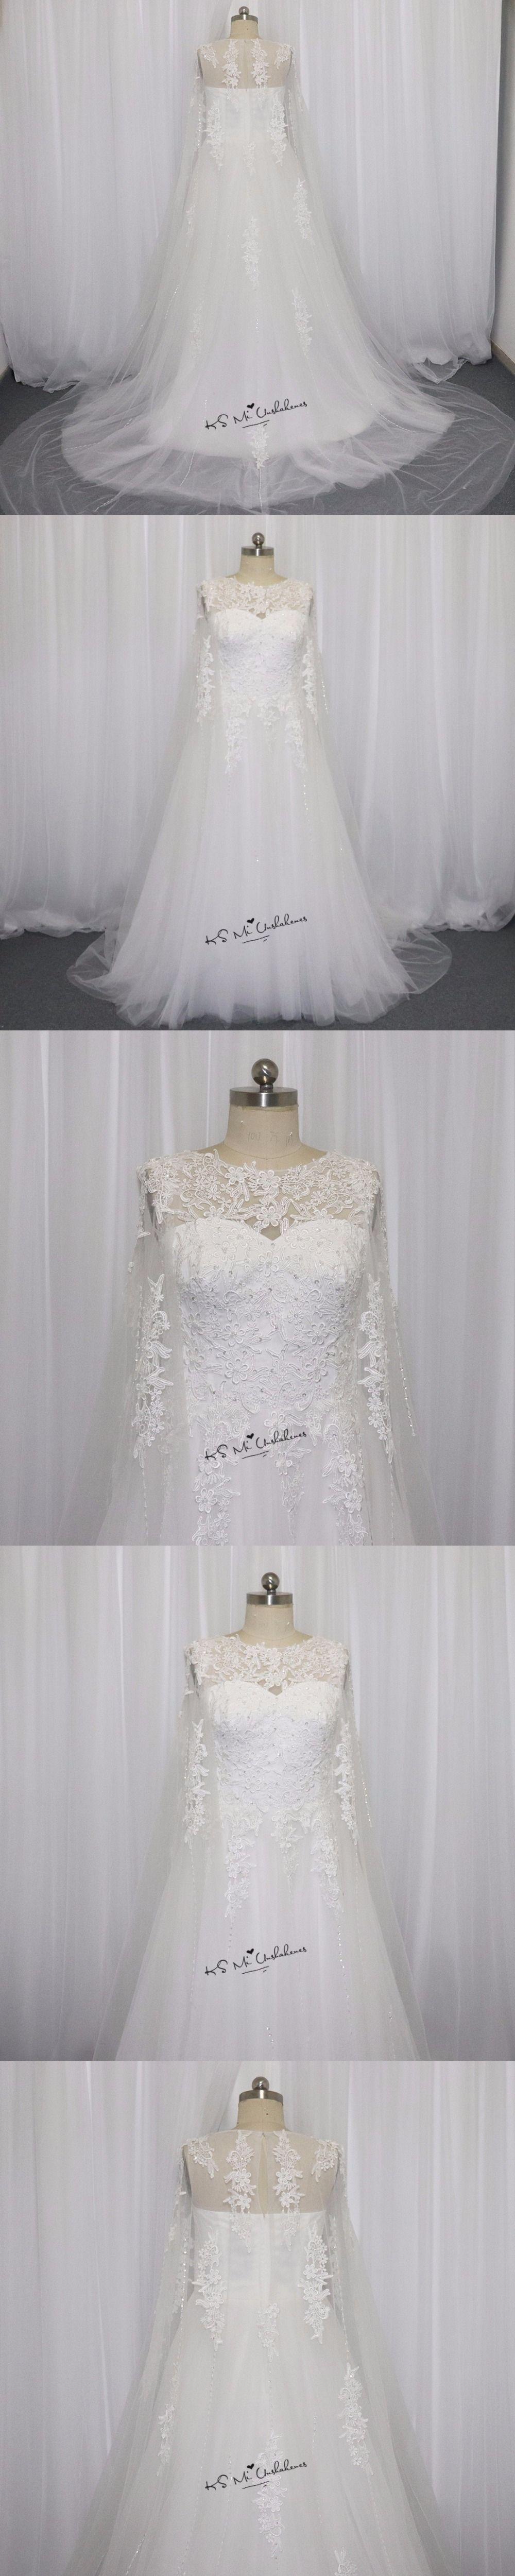 Schön China Hochzeitskleid Ideen - Brautkleider Ideen - cashingy.info